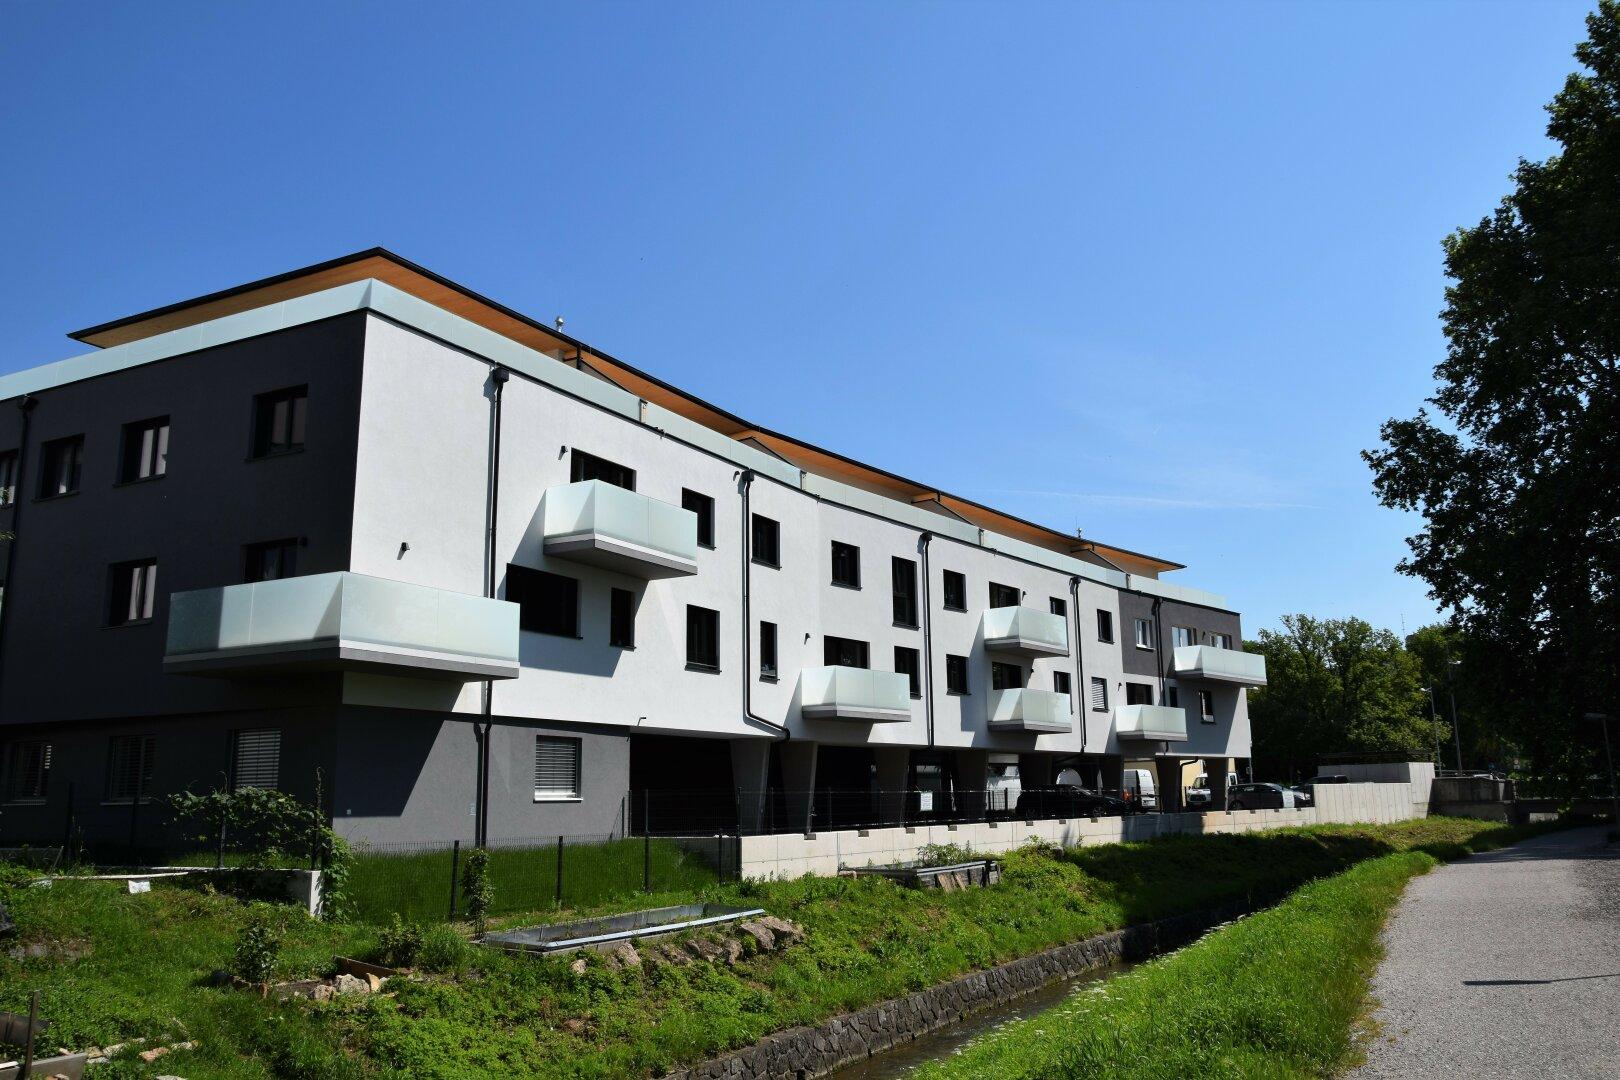 Provisionsfreie 3-Zimmer Wohnung mit großem Balkon